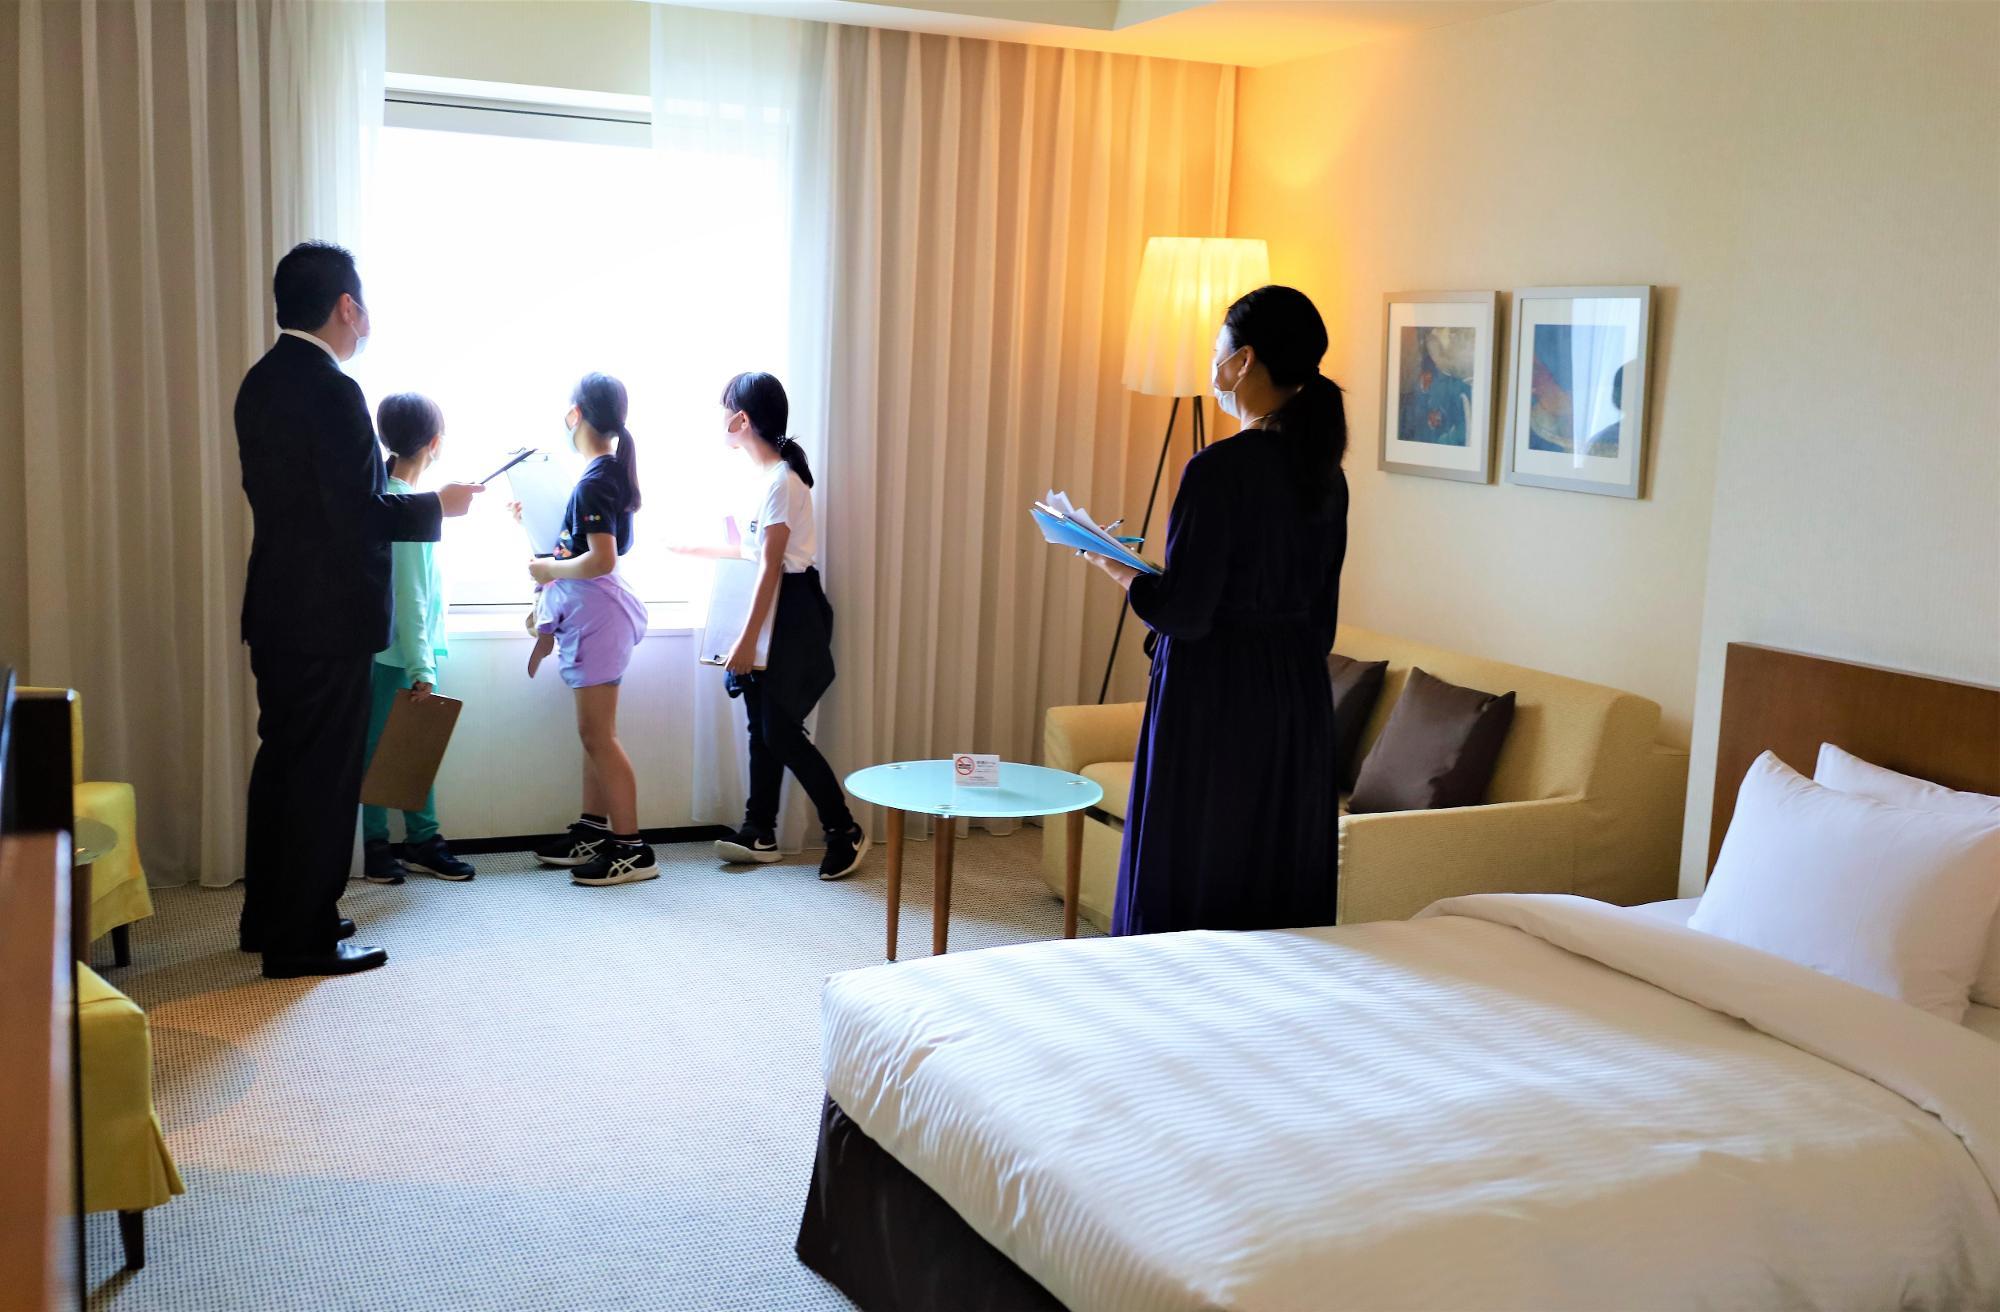 ホテルの雰囲気を満喫。